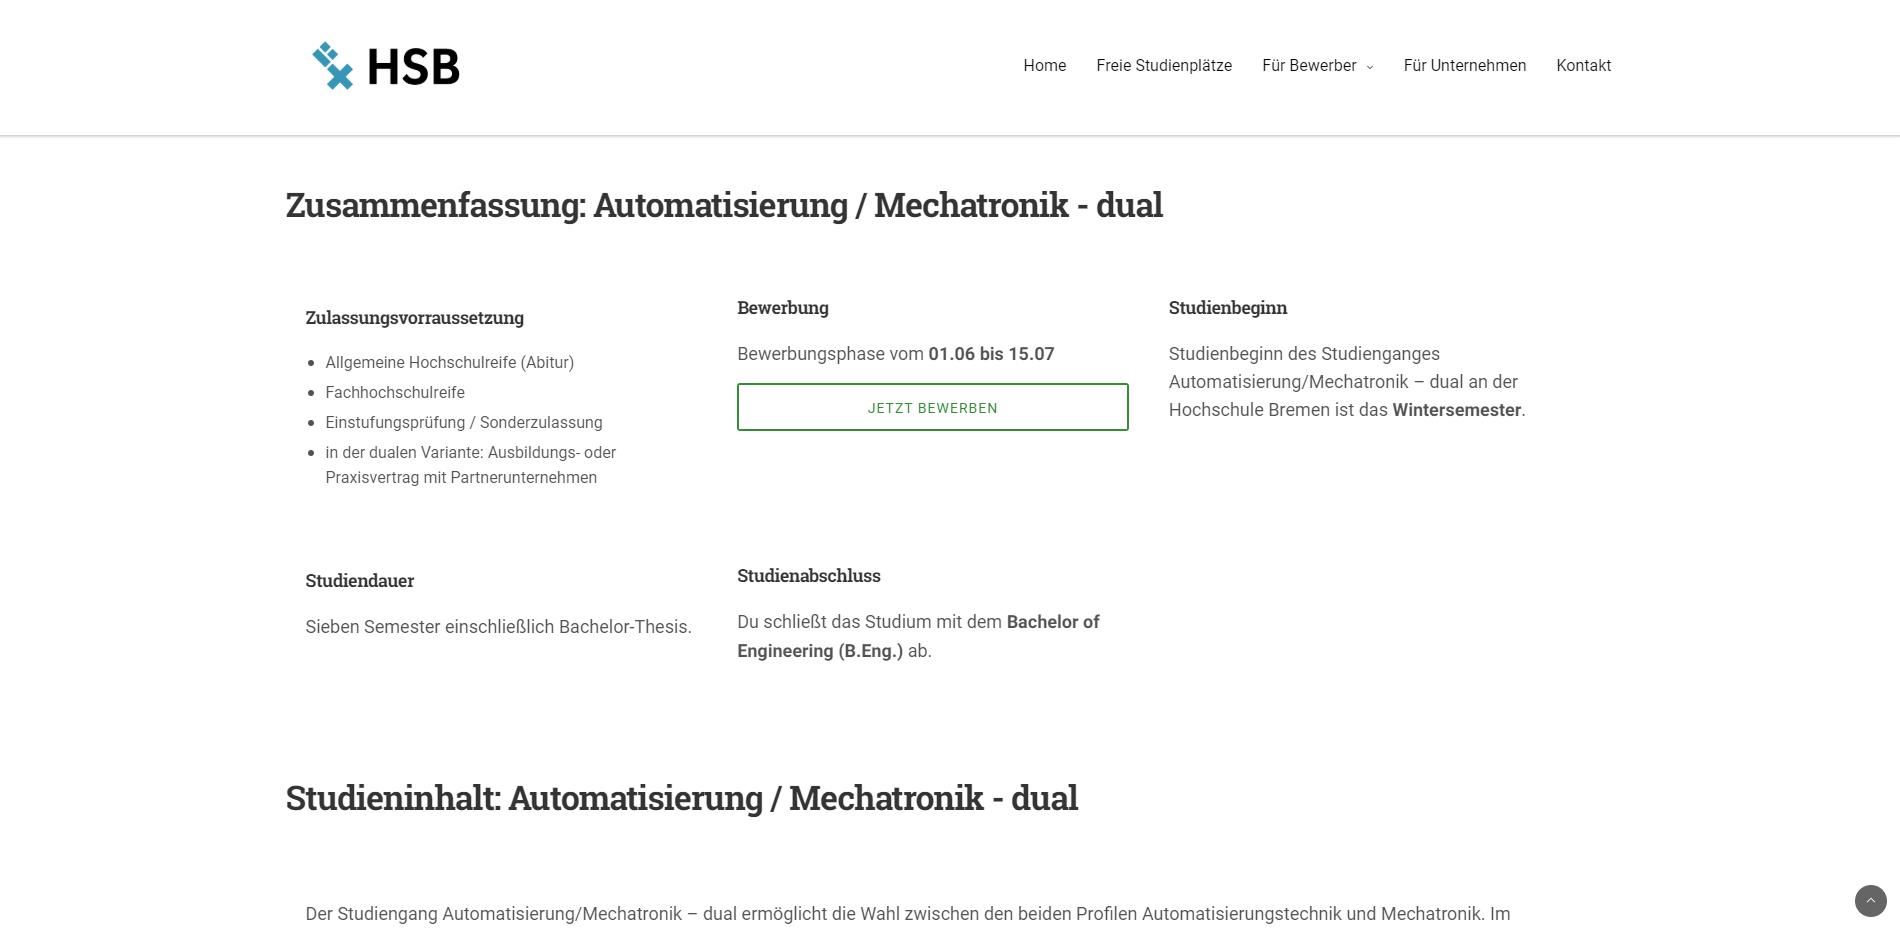 wordpress seite hsbremen 4 - Hochschule Bremen - Fakultät 4